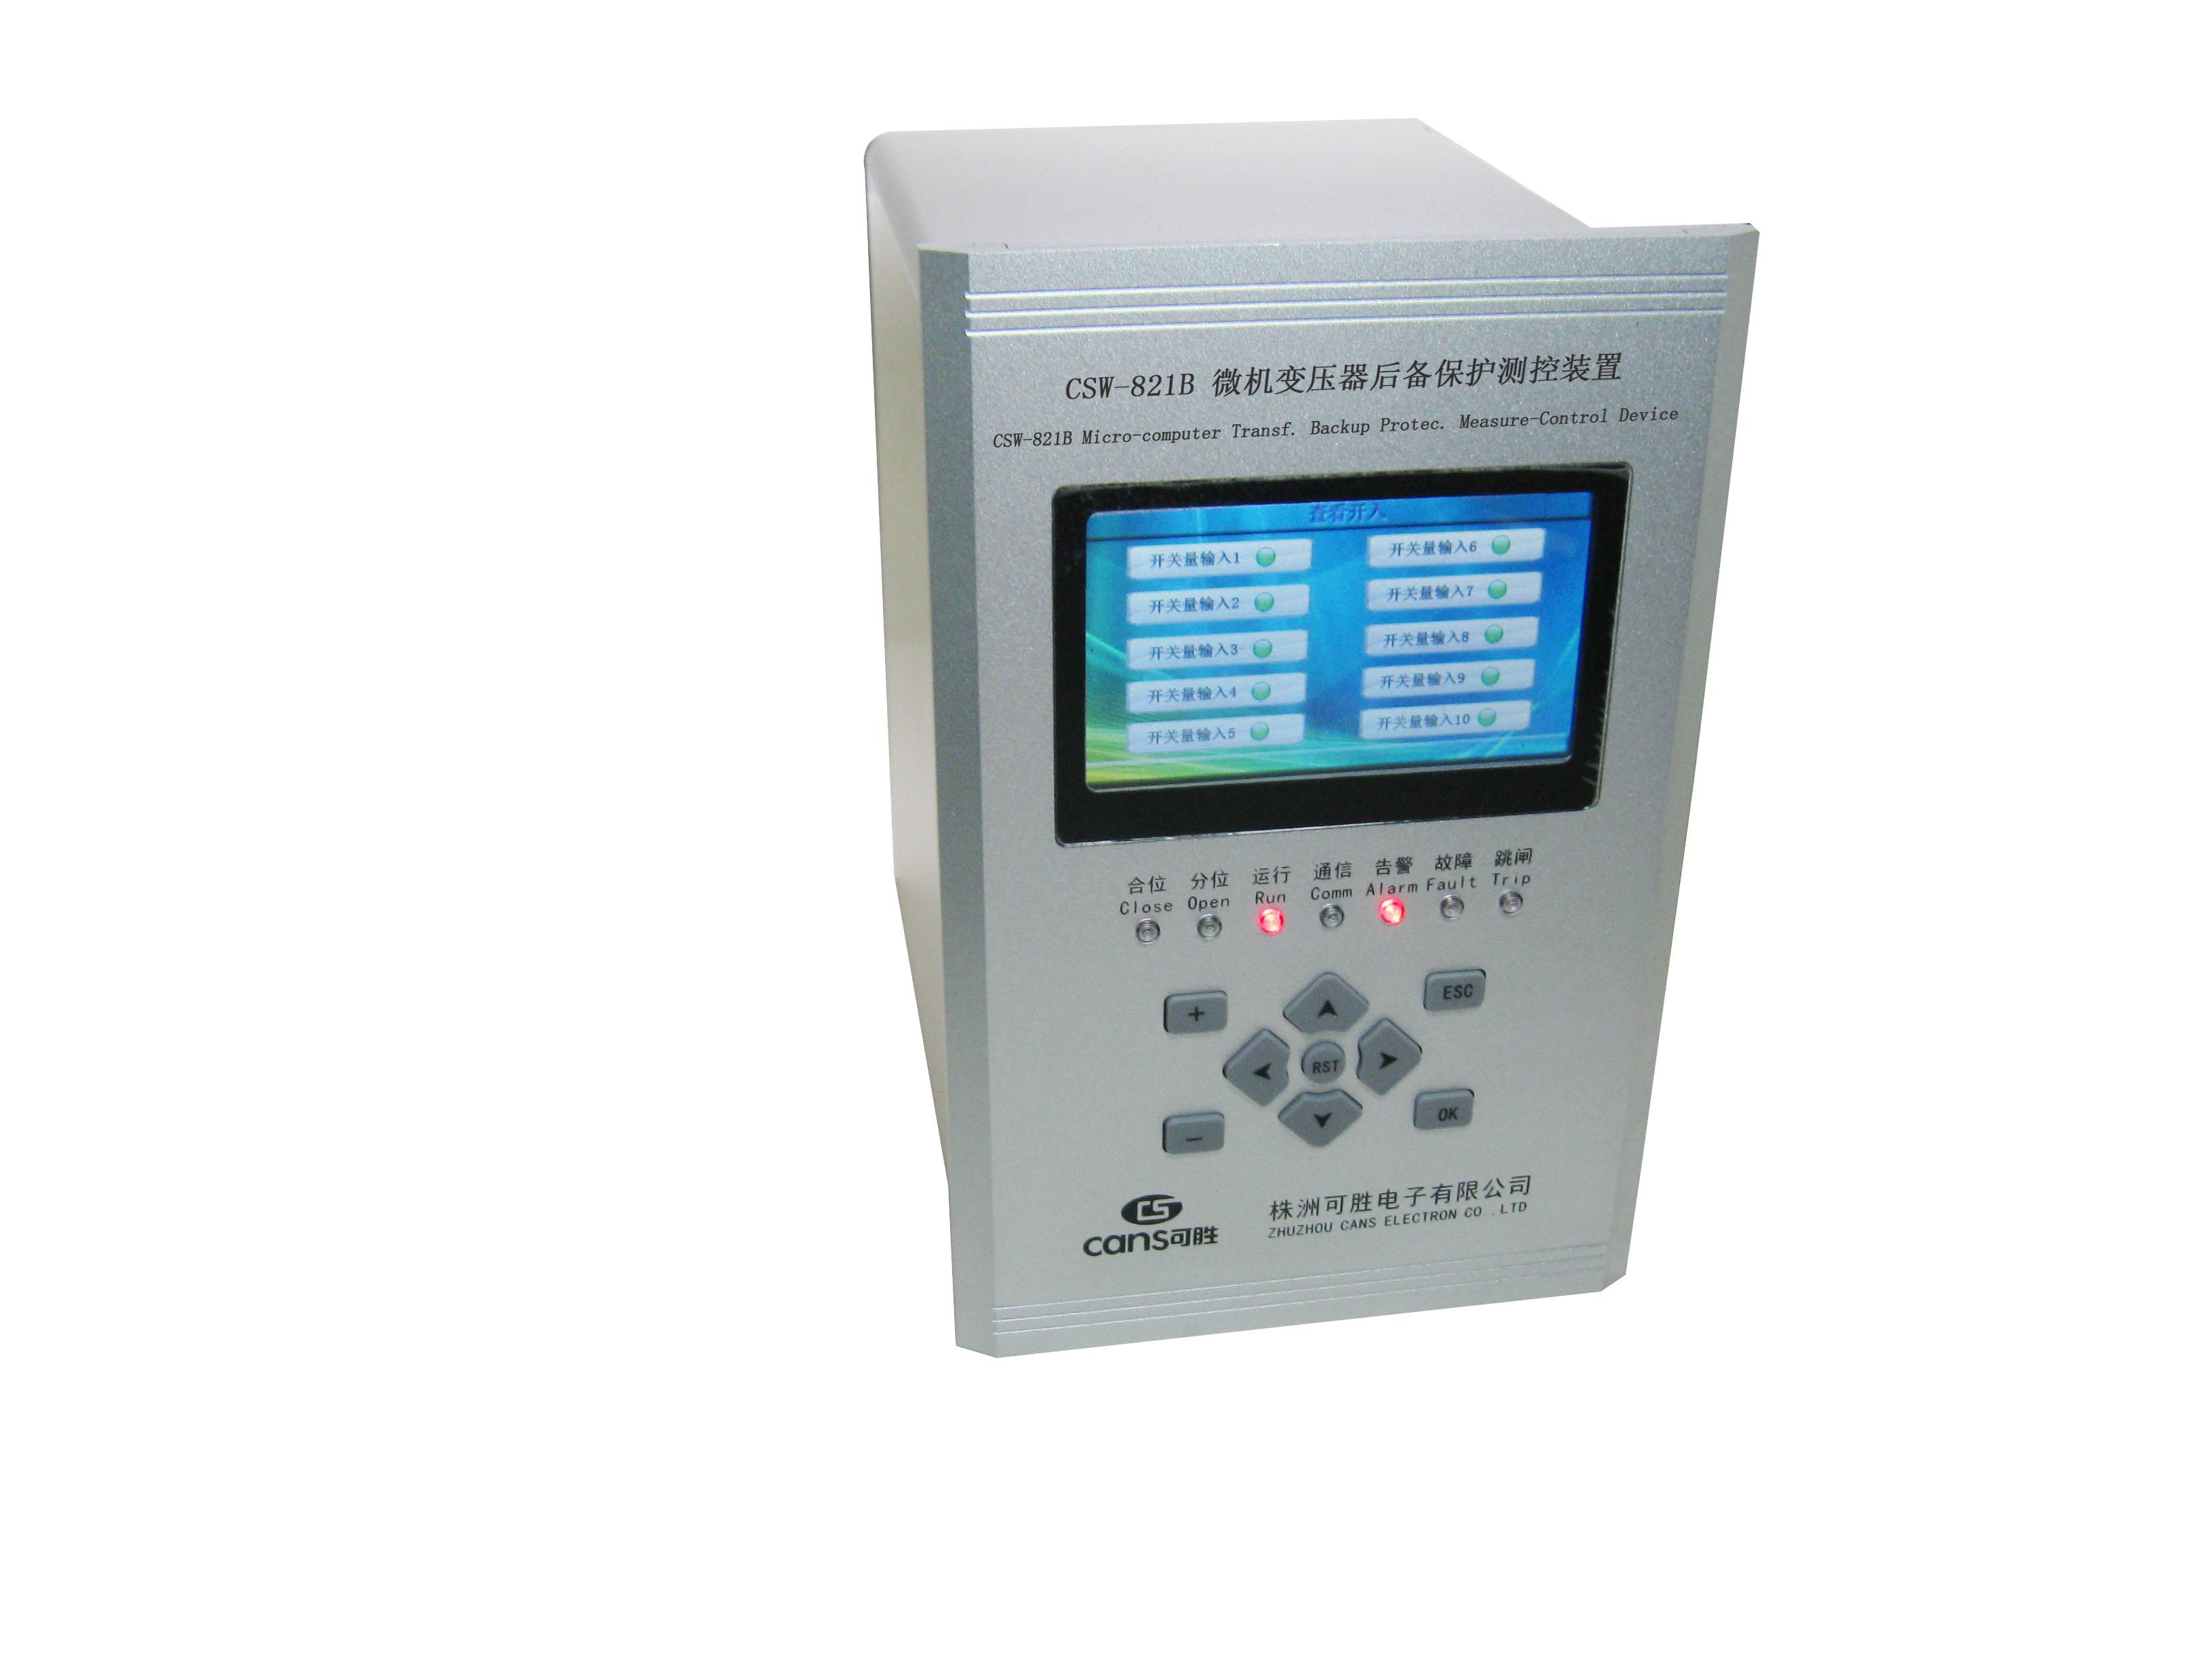 CSW-821B微机变压器后备保护测控装置 兼容SEEC-821B  湖南株洲可胜电子厂家直销